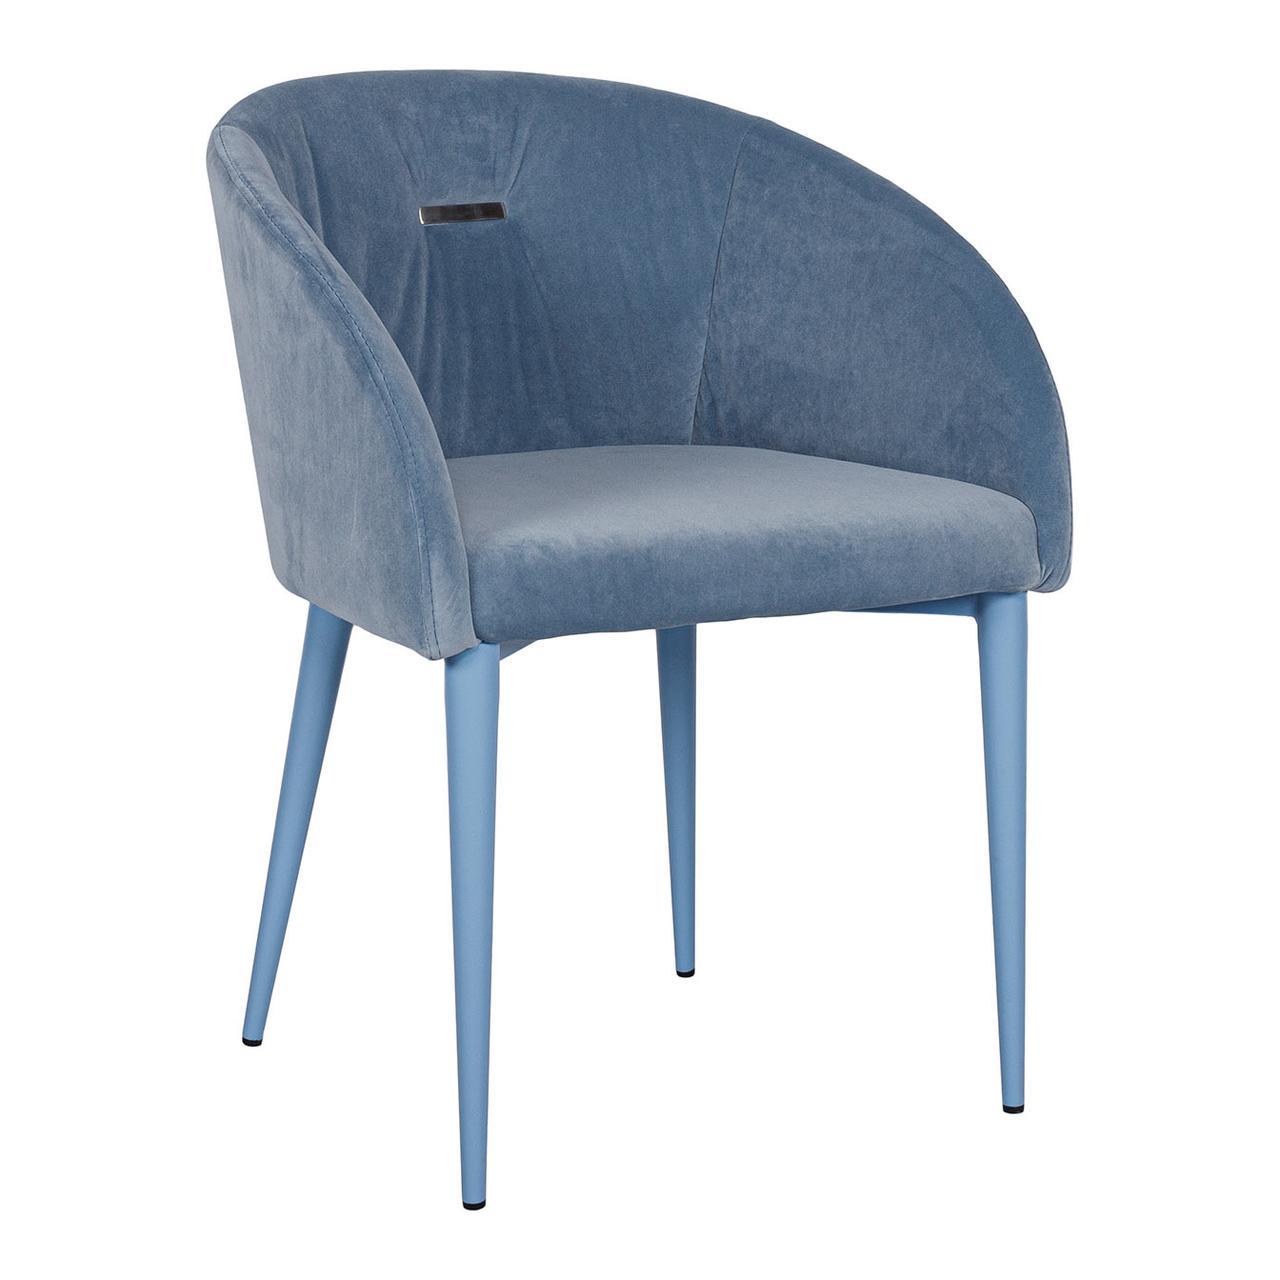 Велюровое кресло ELBE (Эльба) голубое от Niсolas